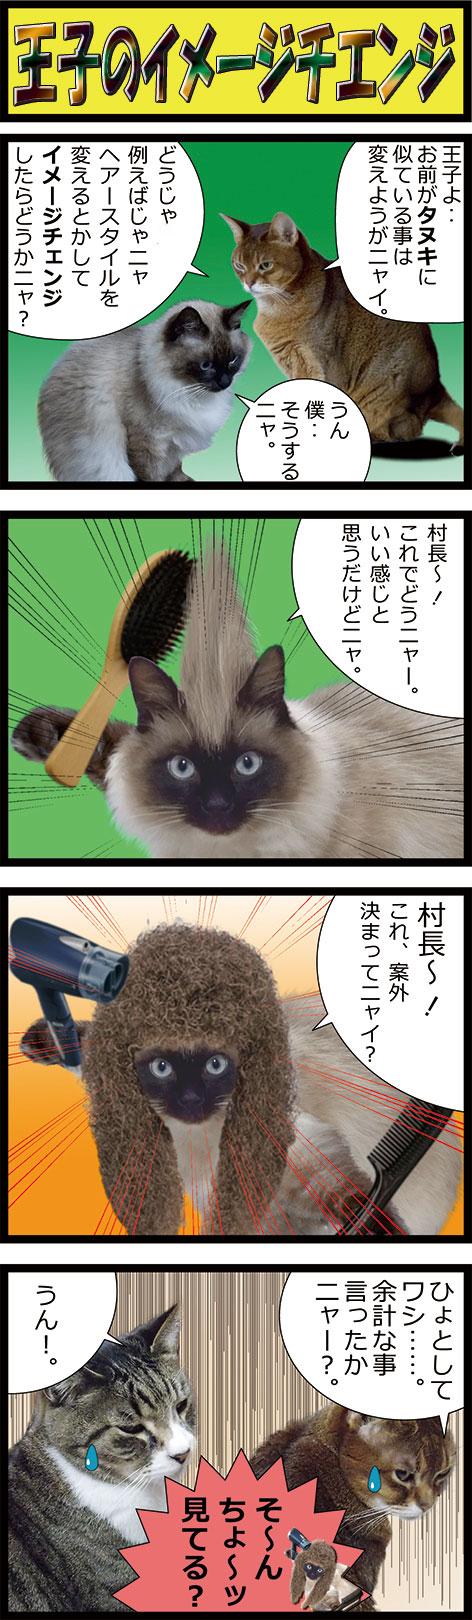 王子のイメージチェンジ.jpg